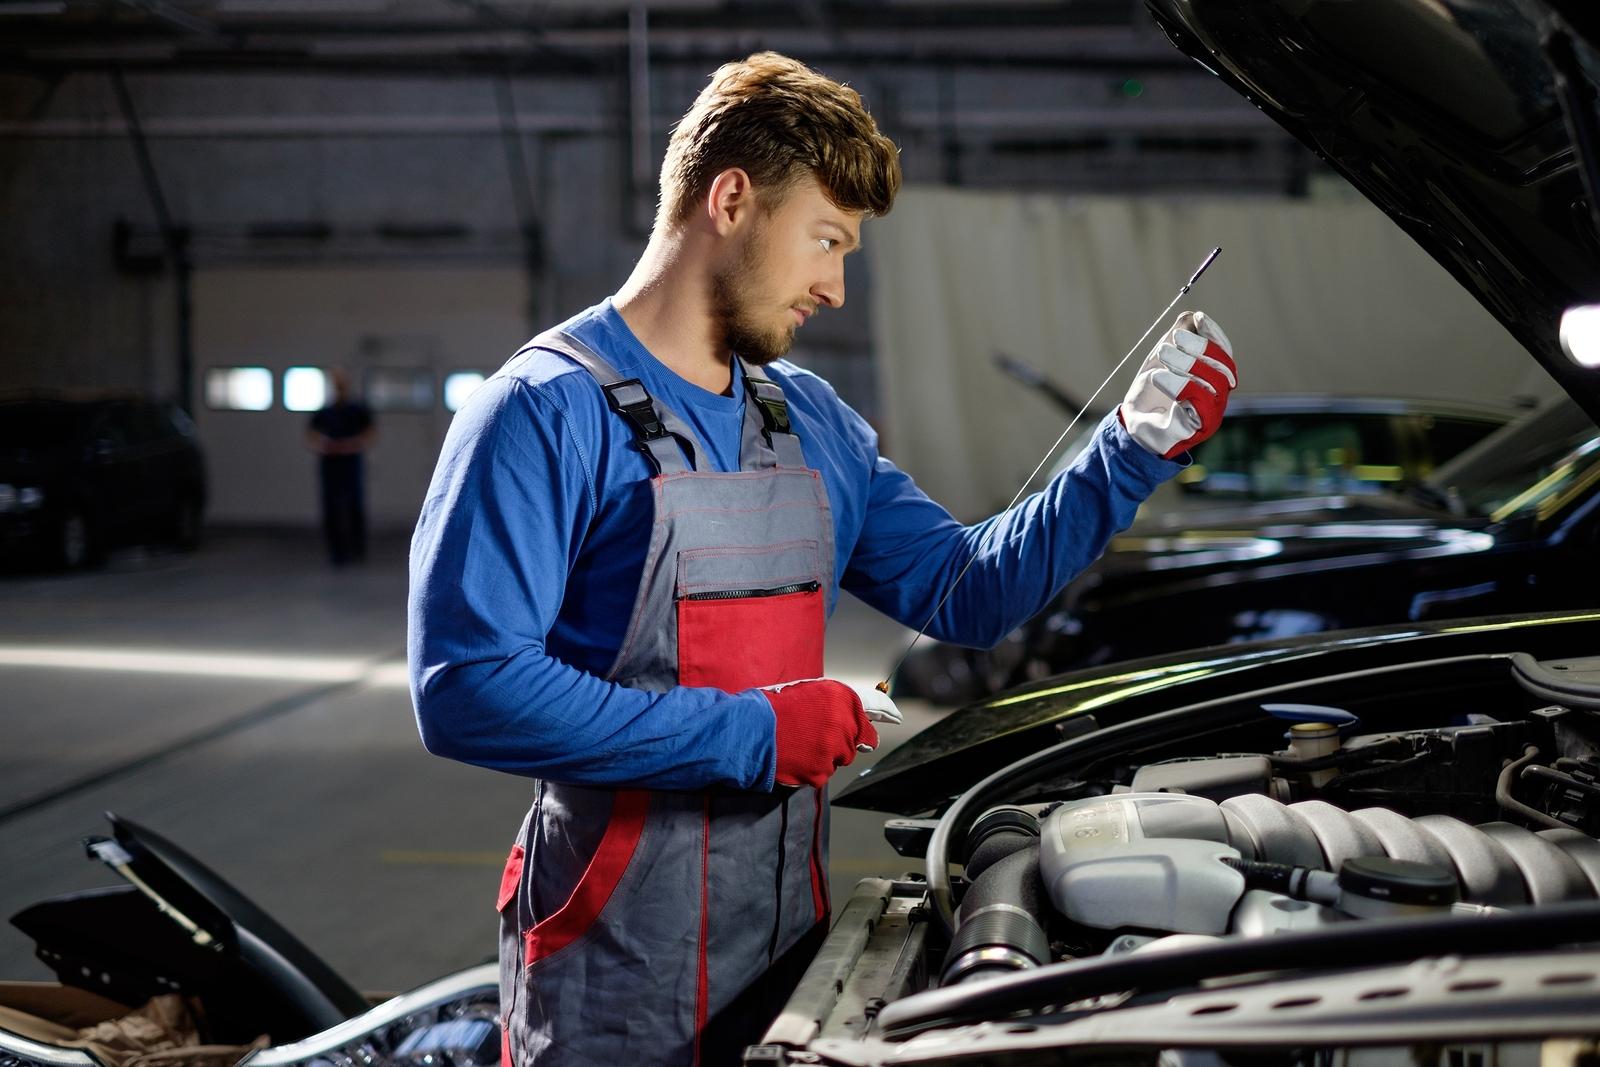 Mechanic-checking-oil-level-in-104495669.jpg